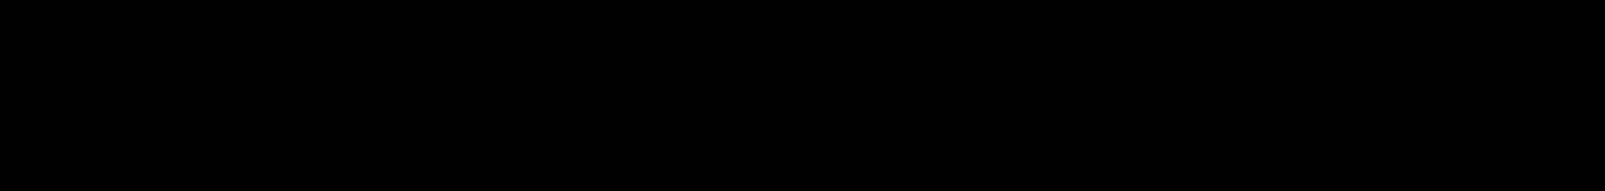 Octin Stencil Light